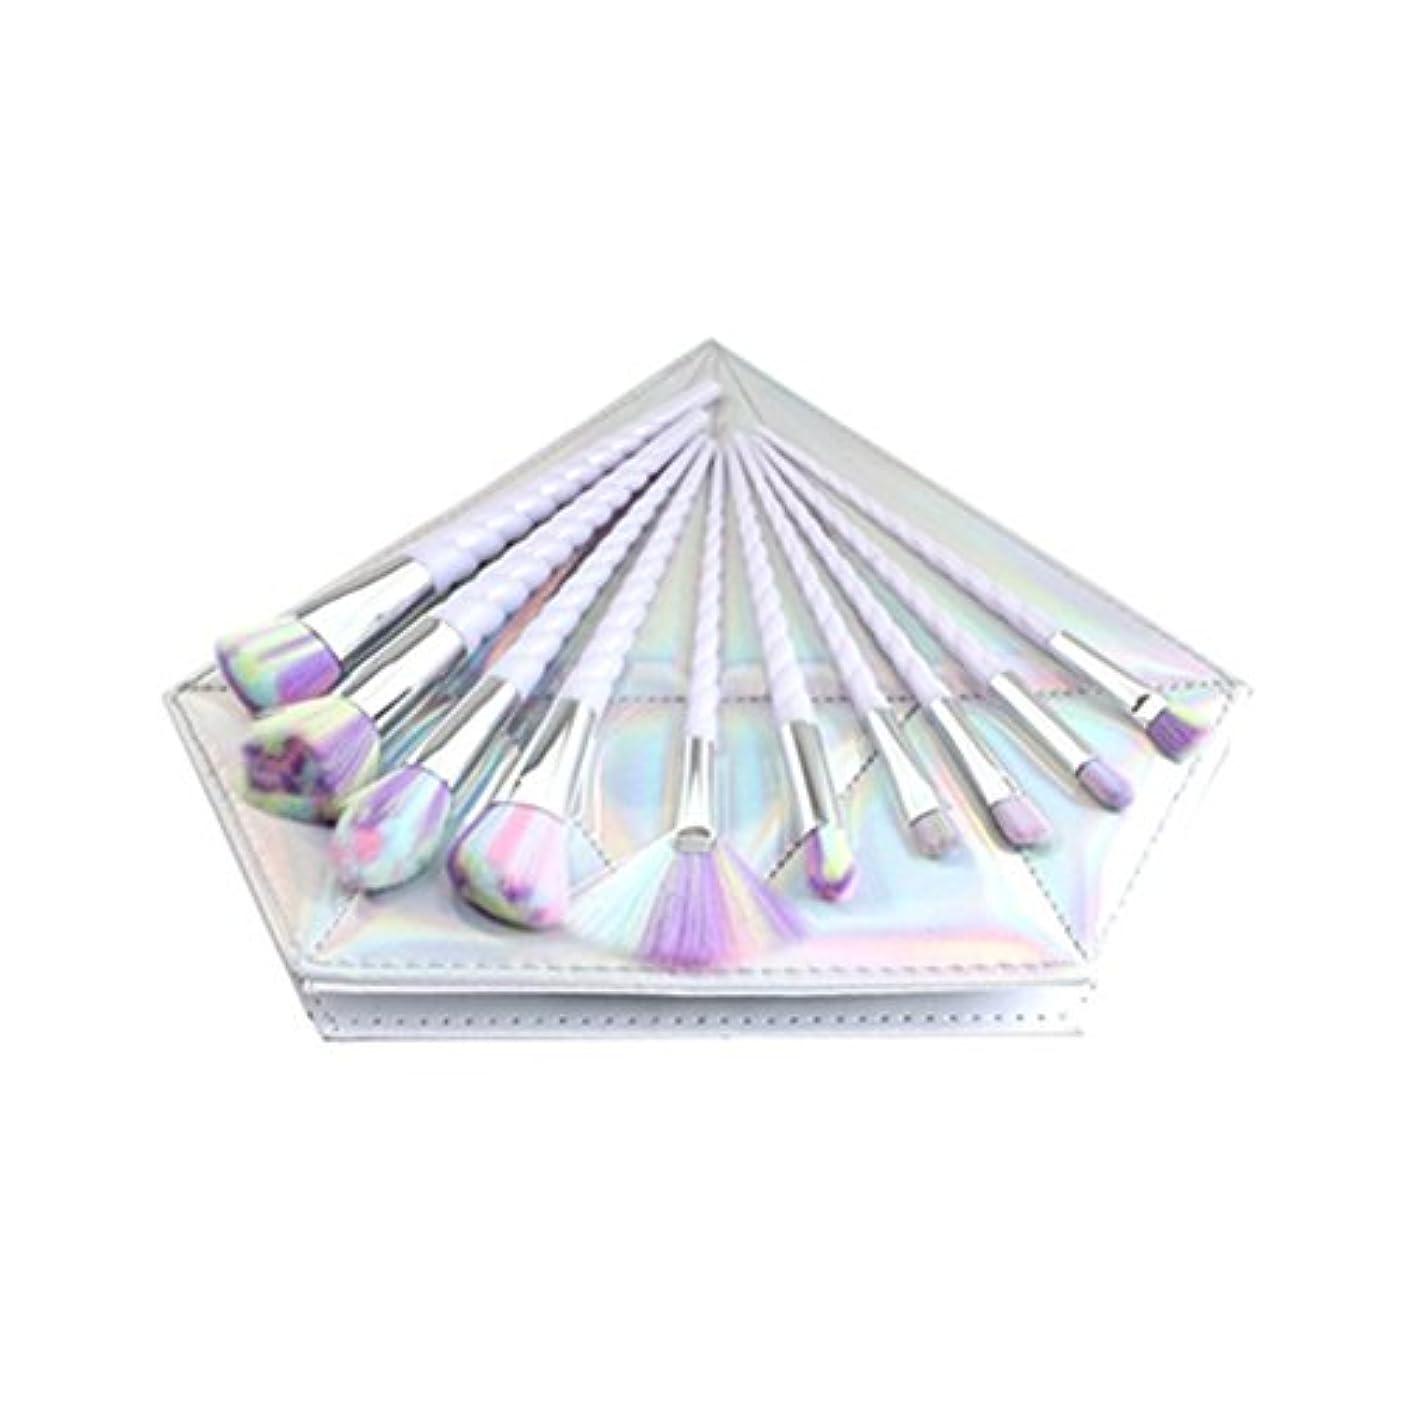 赤面移行する習字Dilla Beauty 10本セットユニコーンデザインプラスチックハンドル形状メイクブラシセット合成毛ファンデーションブラシアイシャドーブラッシャー美容ツール美しい化粧品のバッグを送る (白いハンドル - 多色の毛)